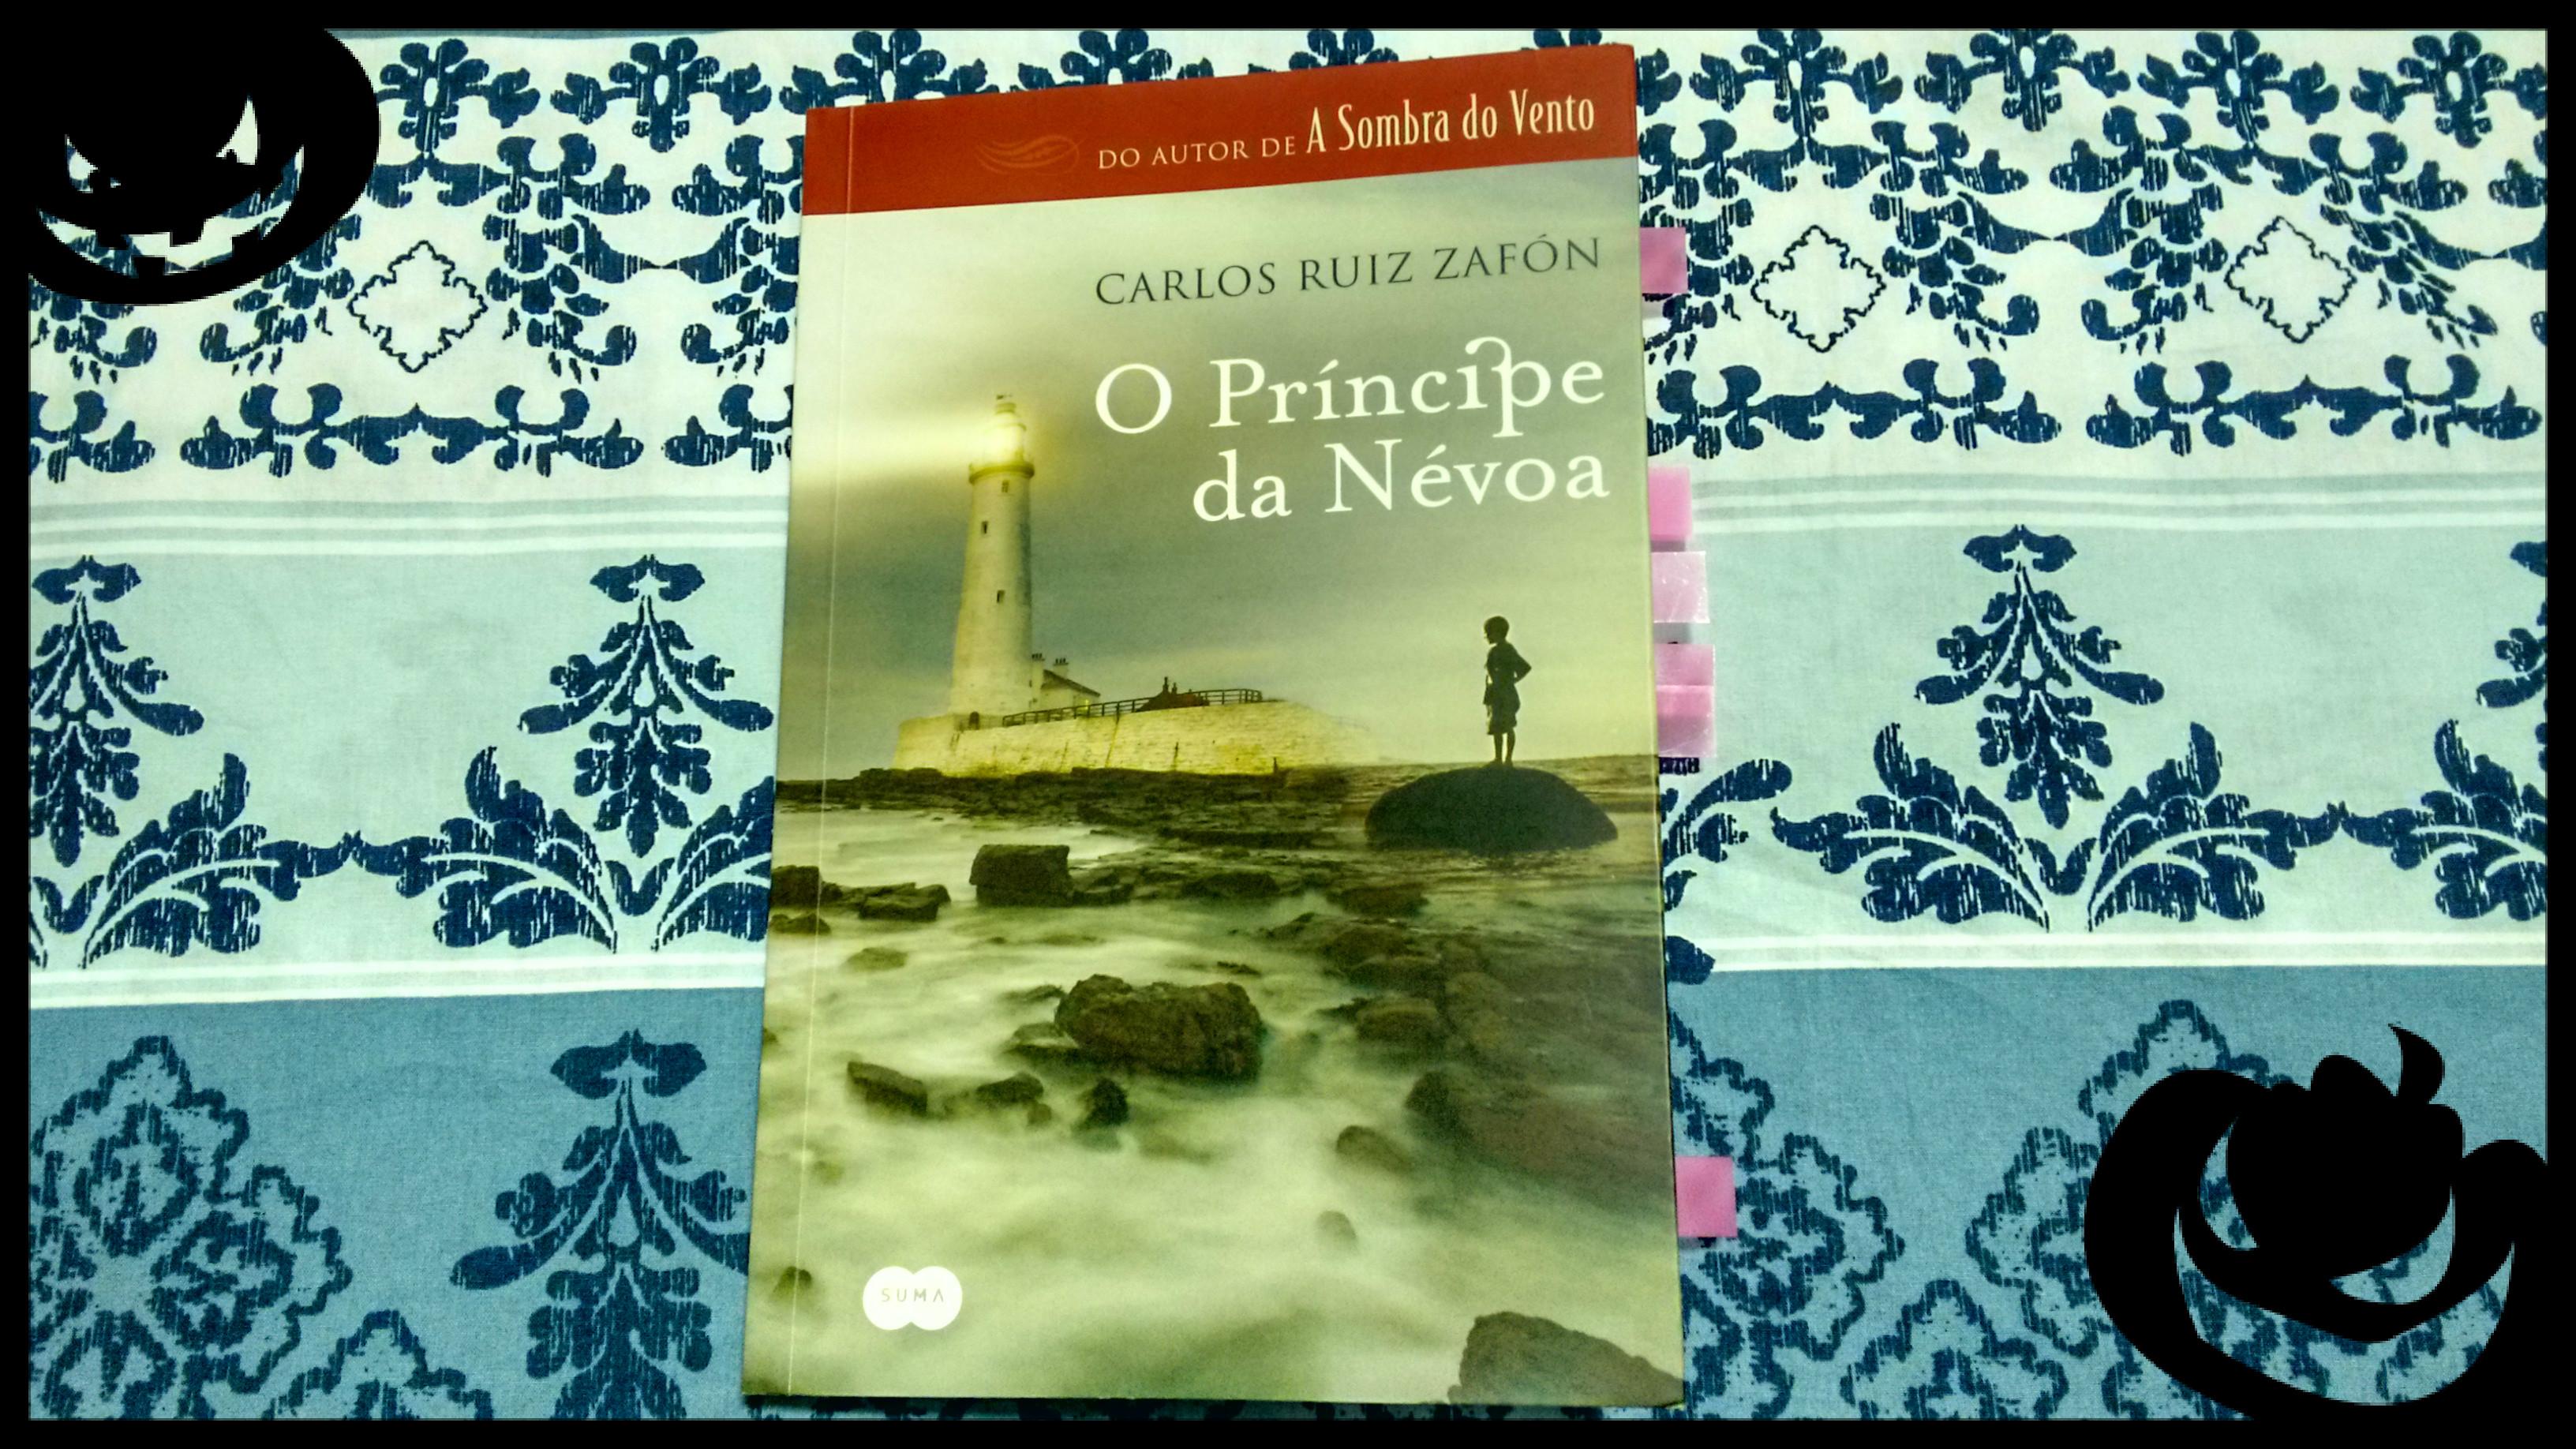 Resenha_O principe da nevoa_Leitura na rede_im1